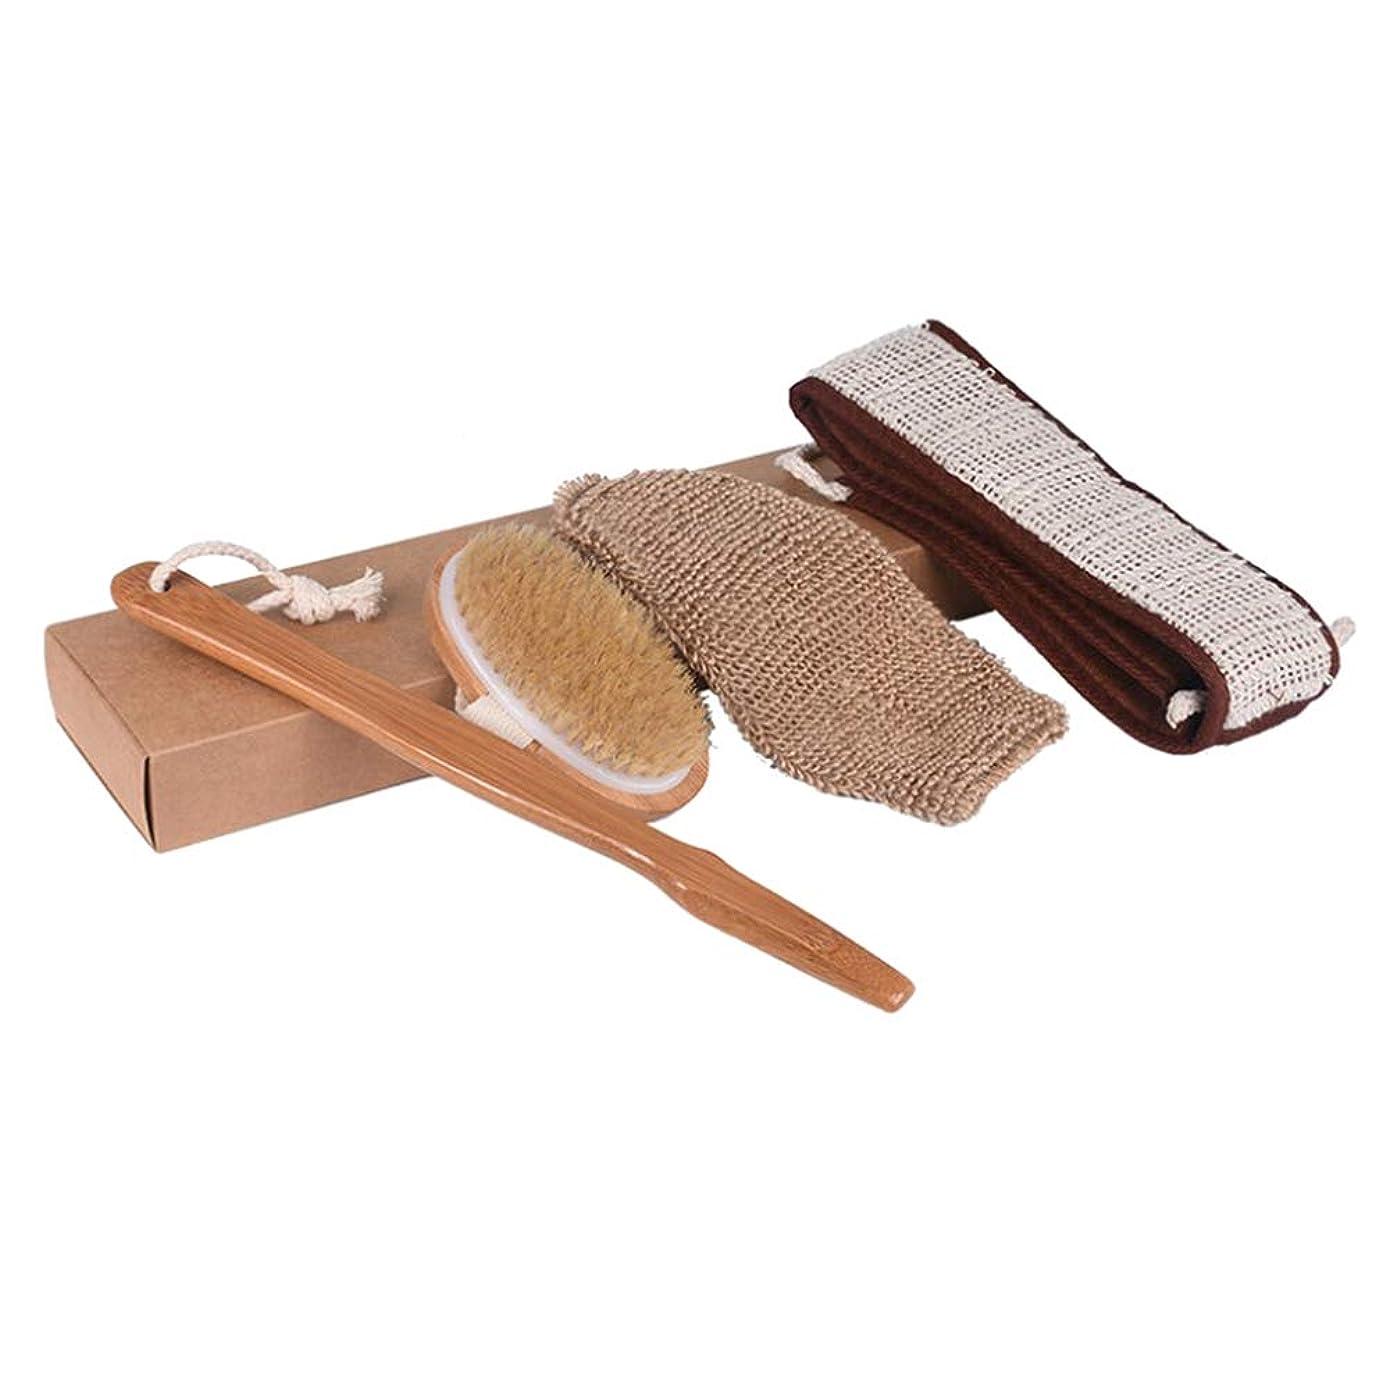 魅惑的な作曲する一口Healifty 1セットバスボディブラシ剥離バスクロスタオルバスグローブ木製ロングハンドル用バックスクラバーシャワーボディ